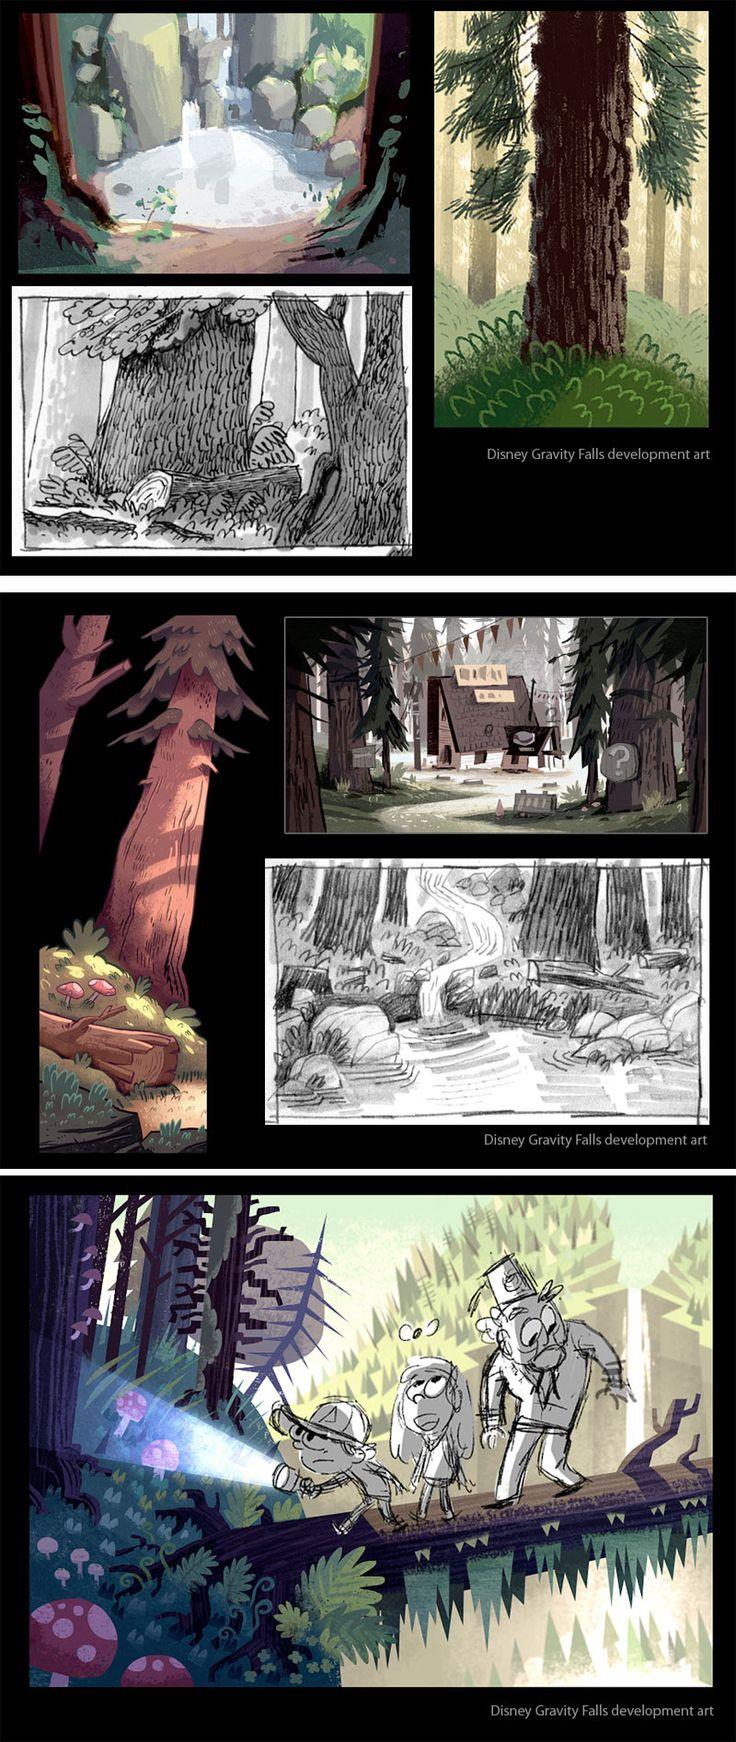 Artes do desenho animado Gravity Falls, da Disney | THECAB - The Concept Art Blog